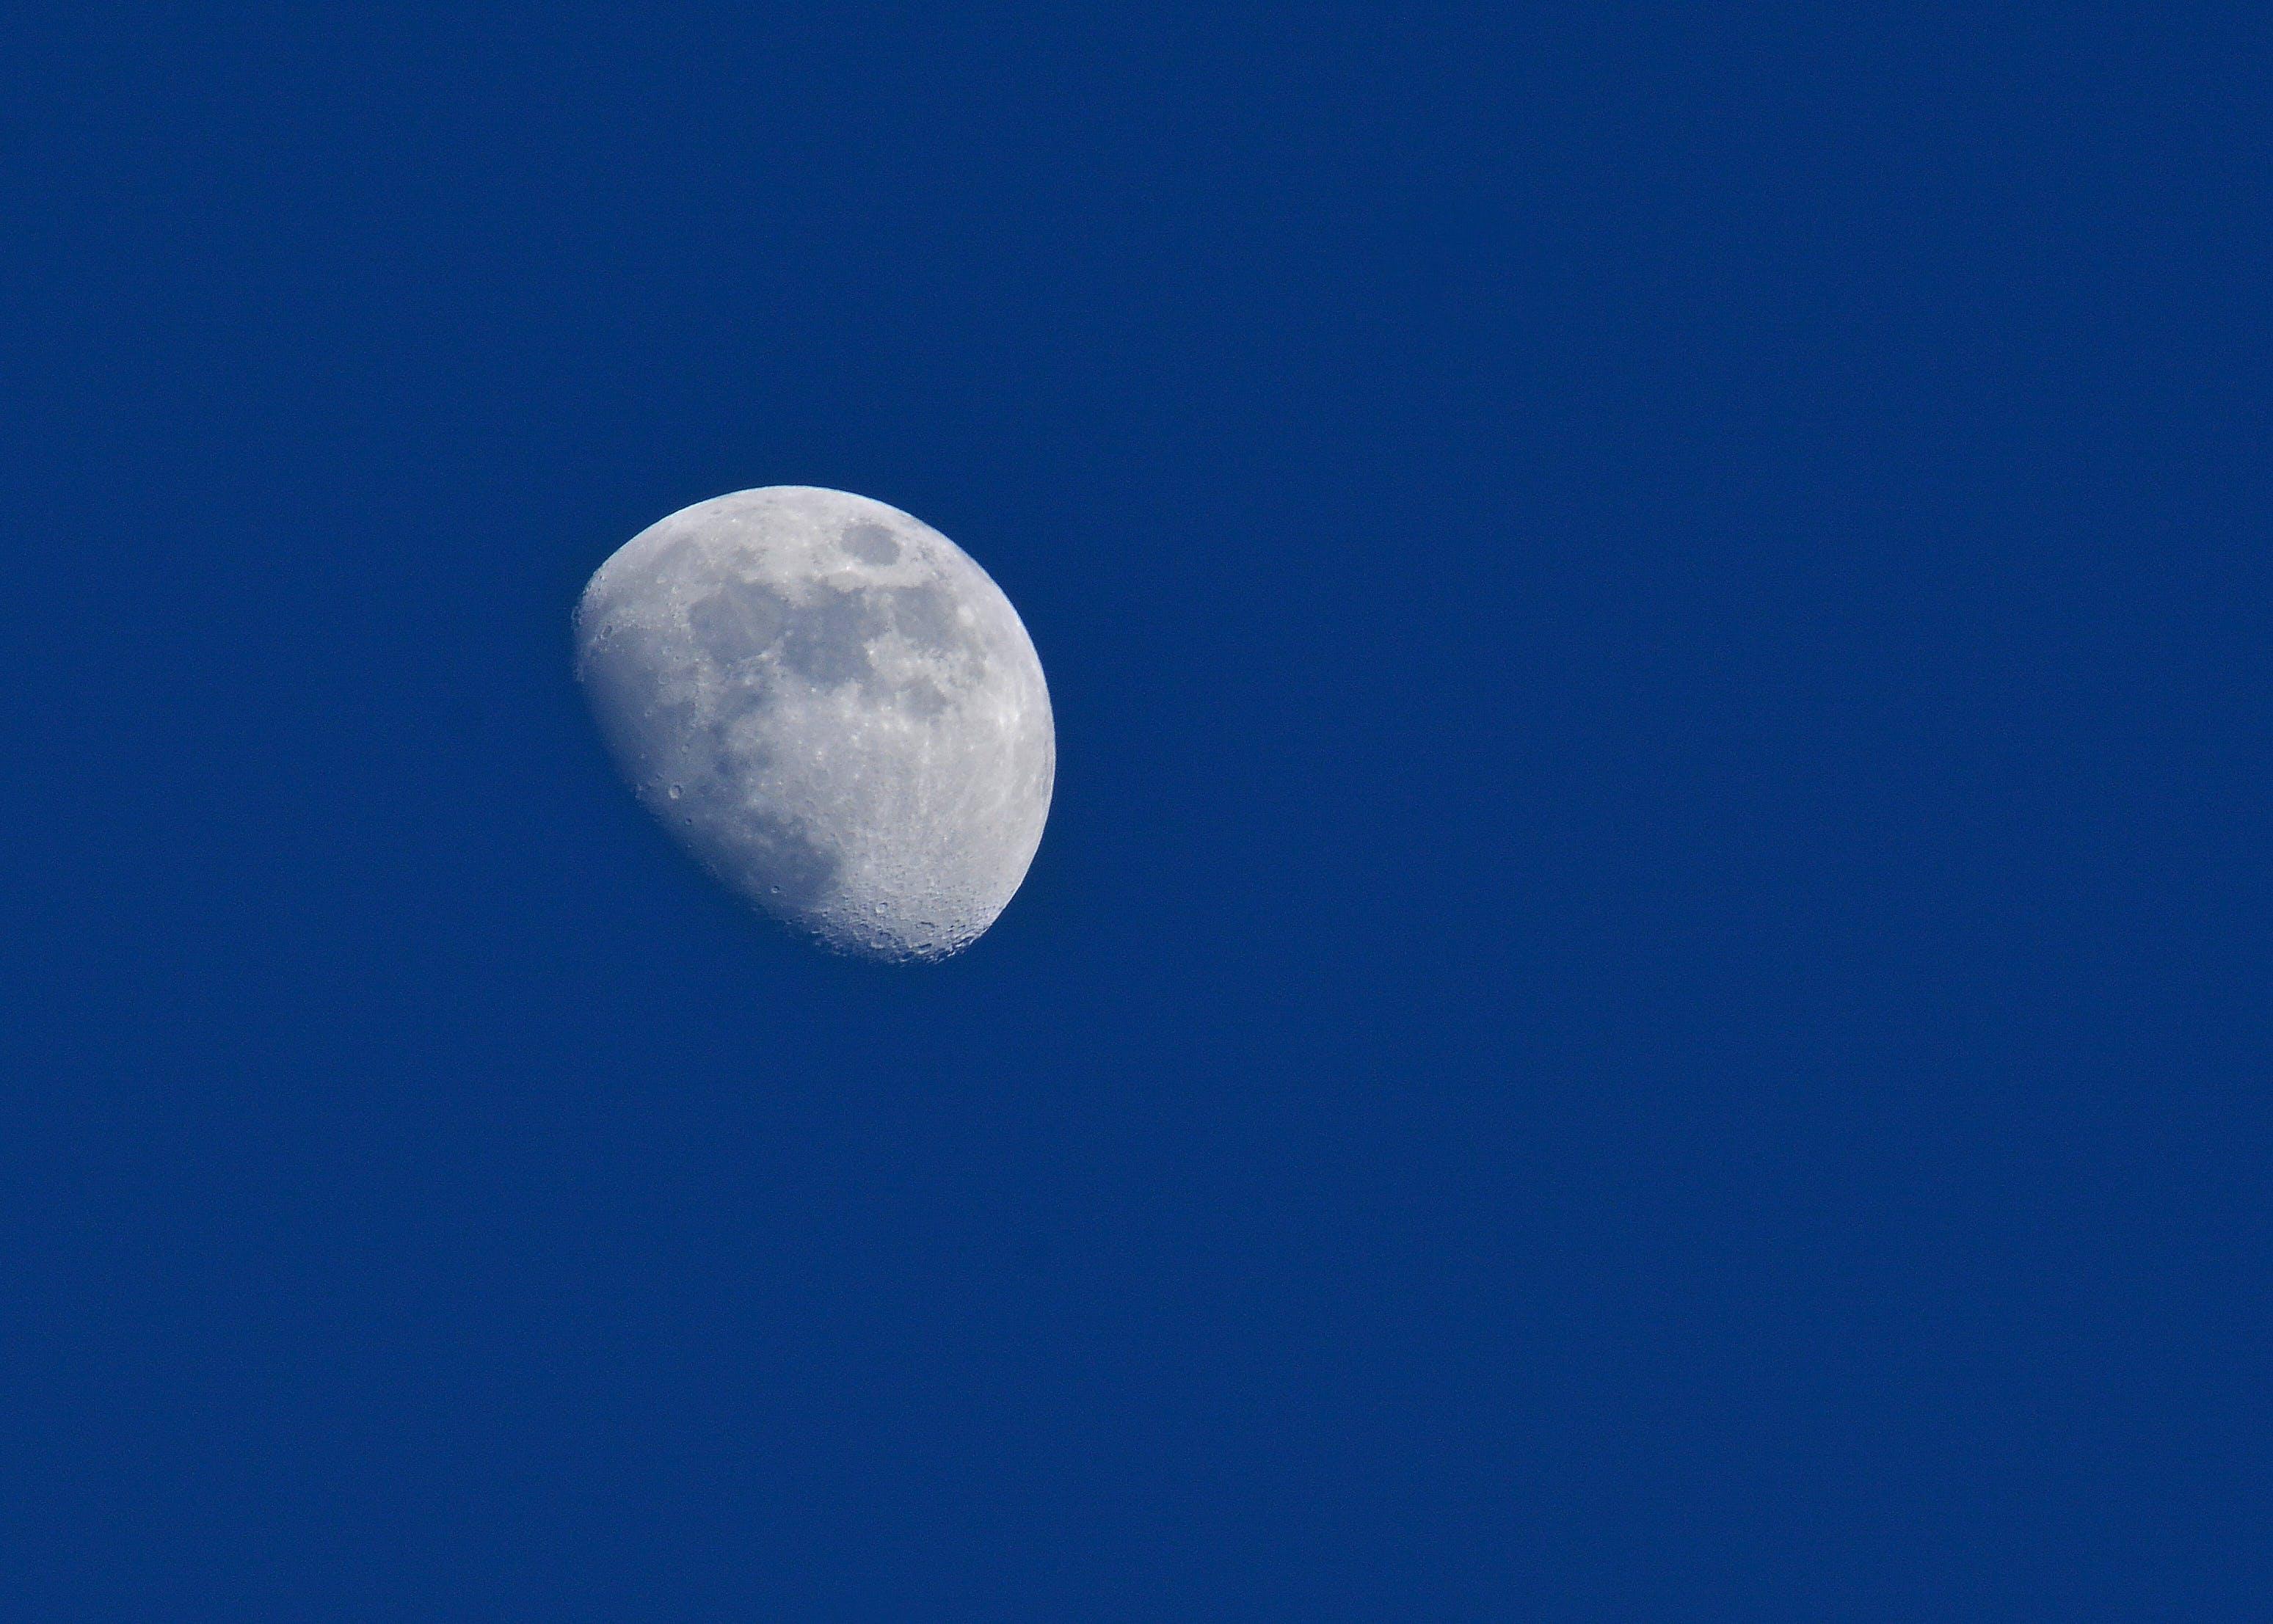 Gratis lagerfoto af blå himmel, galakse, klar himmel, måne